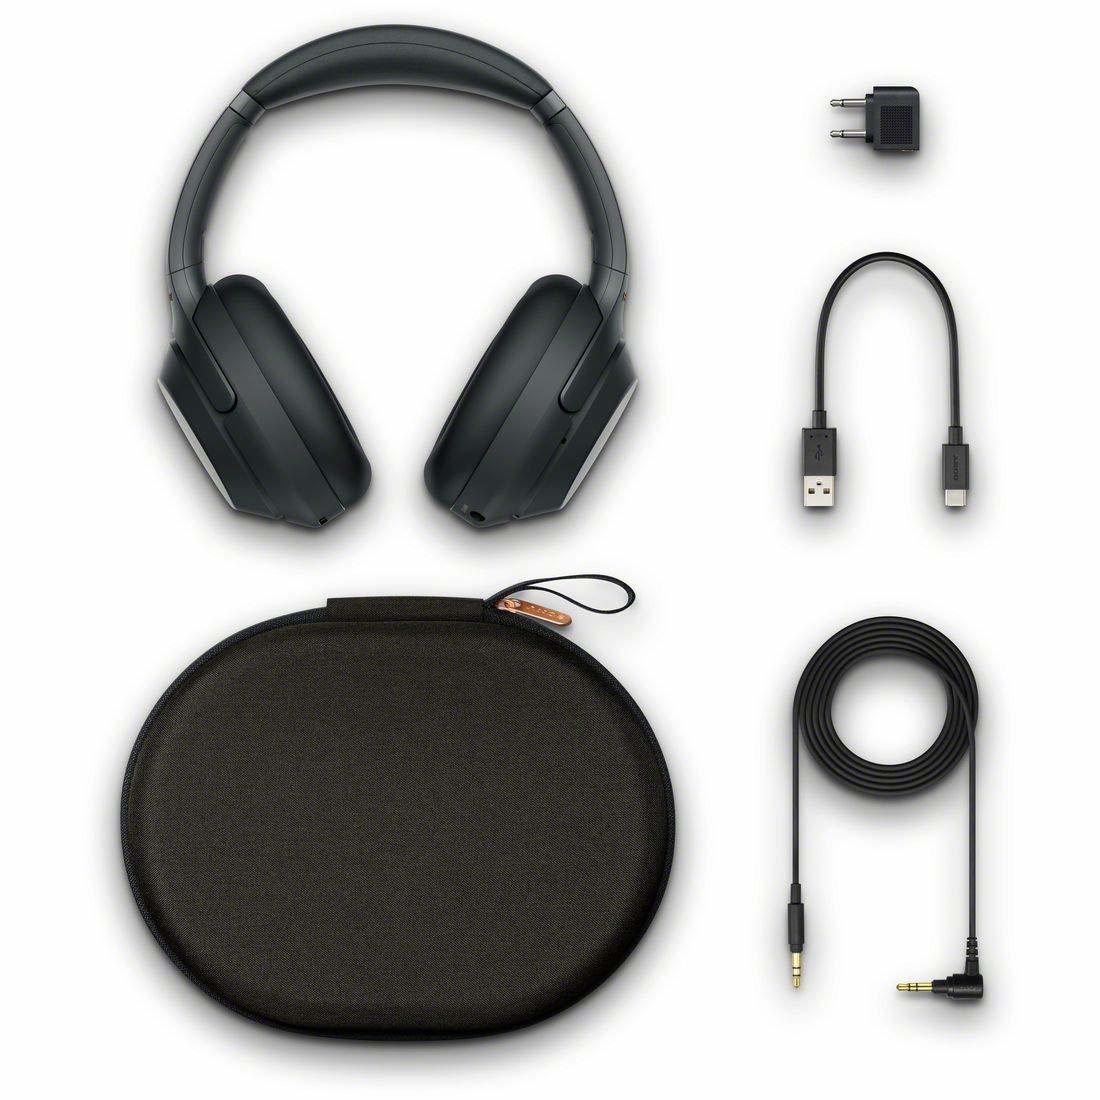 新品 ソニー SONY ワイヤレスノイズキャンセリングヘッドホン WH-1000XM3 ブラック ハイレゾ メーカーの保証付き 条件付き送料無料_画像2